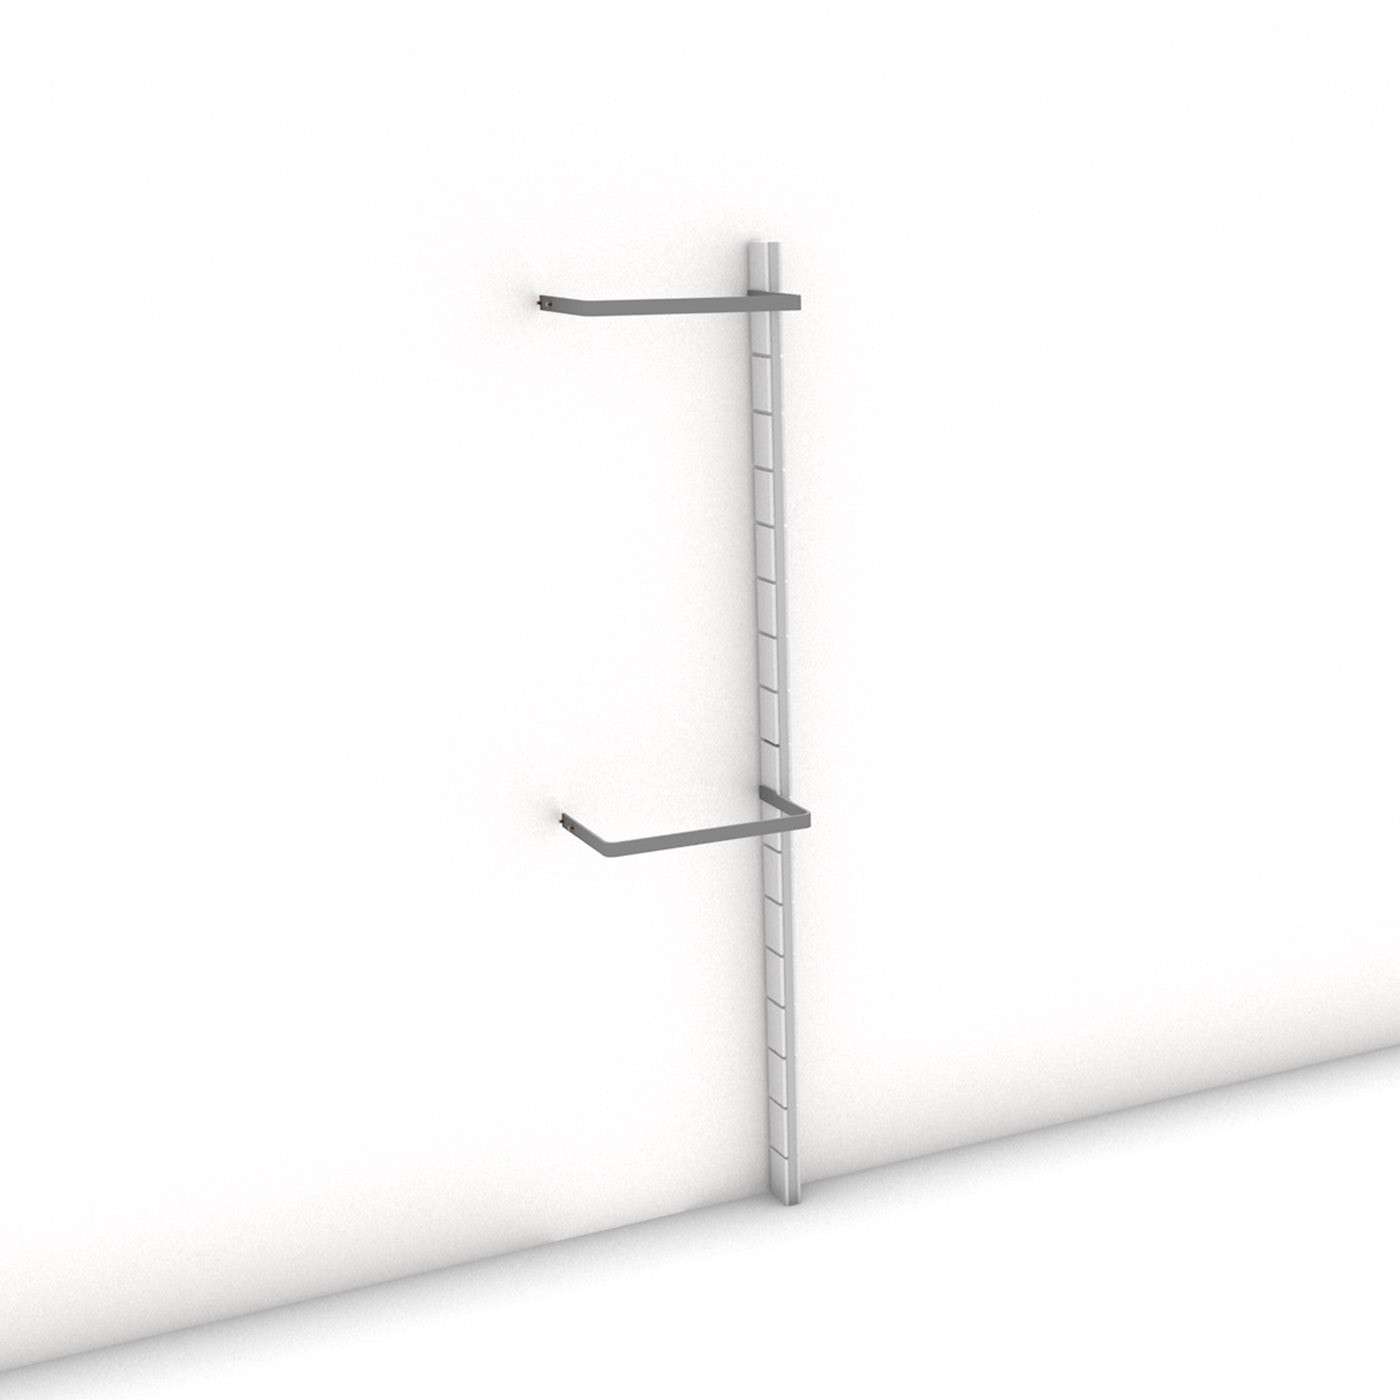 Begehbarer Kleiderschrank - Comfort (XL) 51 - Anbauelement HANG-UP - Maß: 51 x 215,2 x 27 cm (B x H x T)